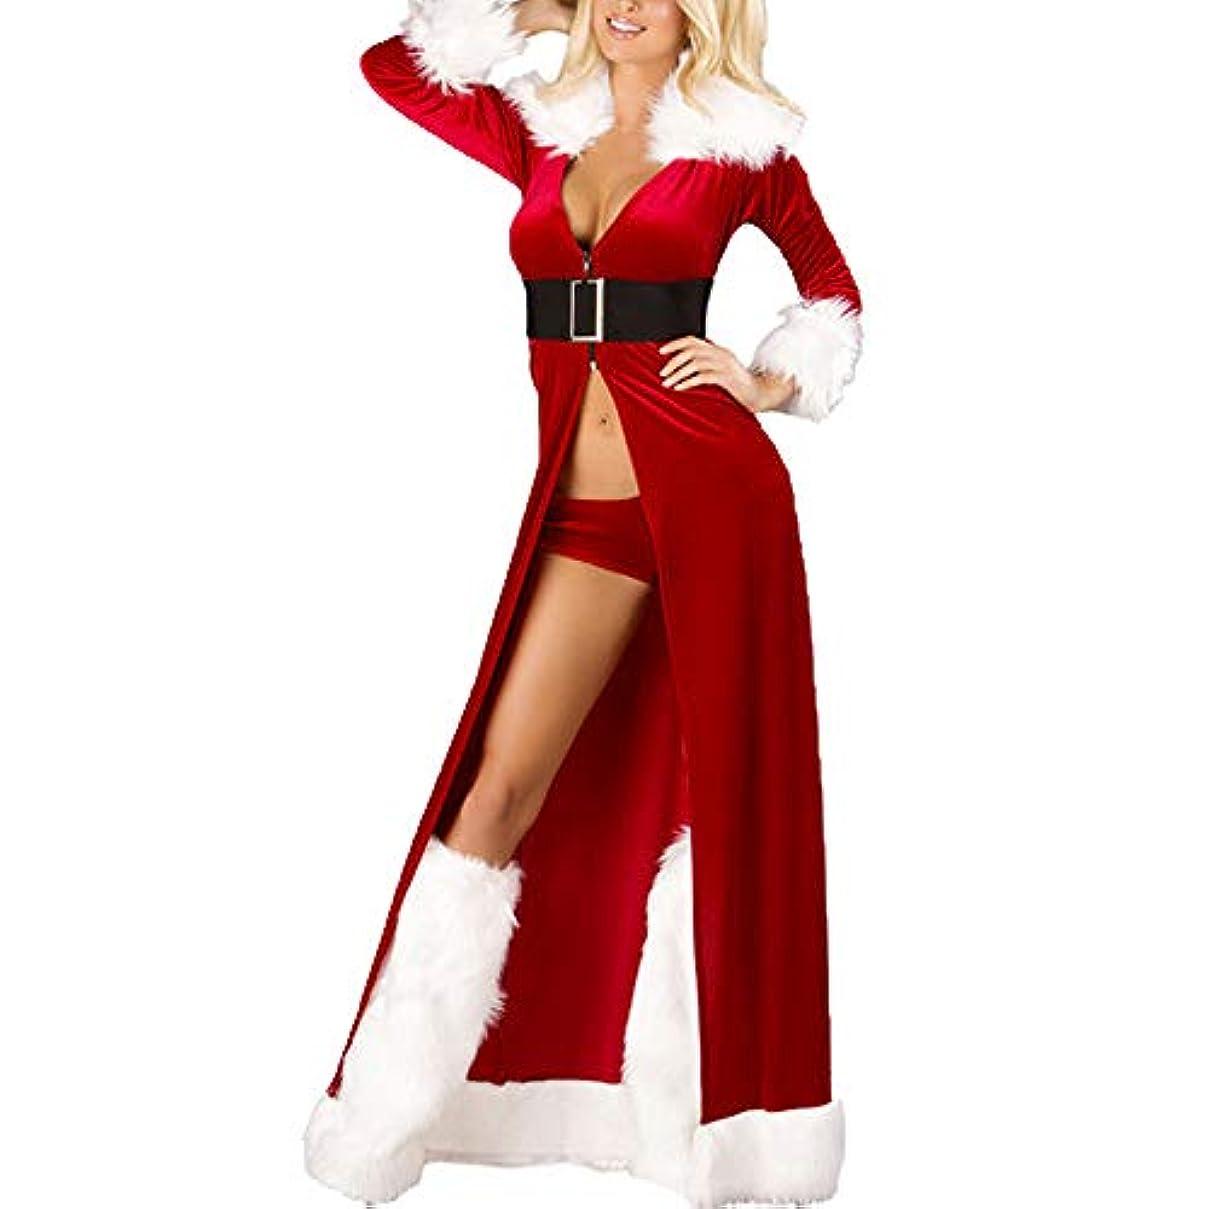 ペイント革新解凍する、雪解け、霜解けクリスマスの女性の長いベルトの豪華な足カバーセクシーな下着ランジェリー セクシー下着 コスプレ 無地 Tパンティー 連体水風船 巨乳オープン 夜遊び 過激 sm 変態 調教 エロ装備 ネグリジェ ベビードール 誘惑 sexy満点